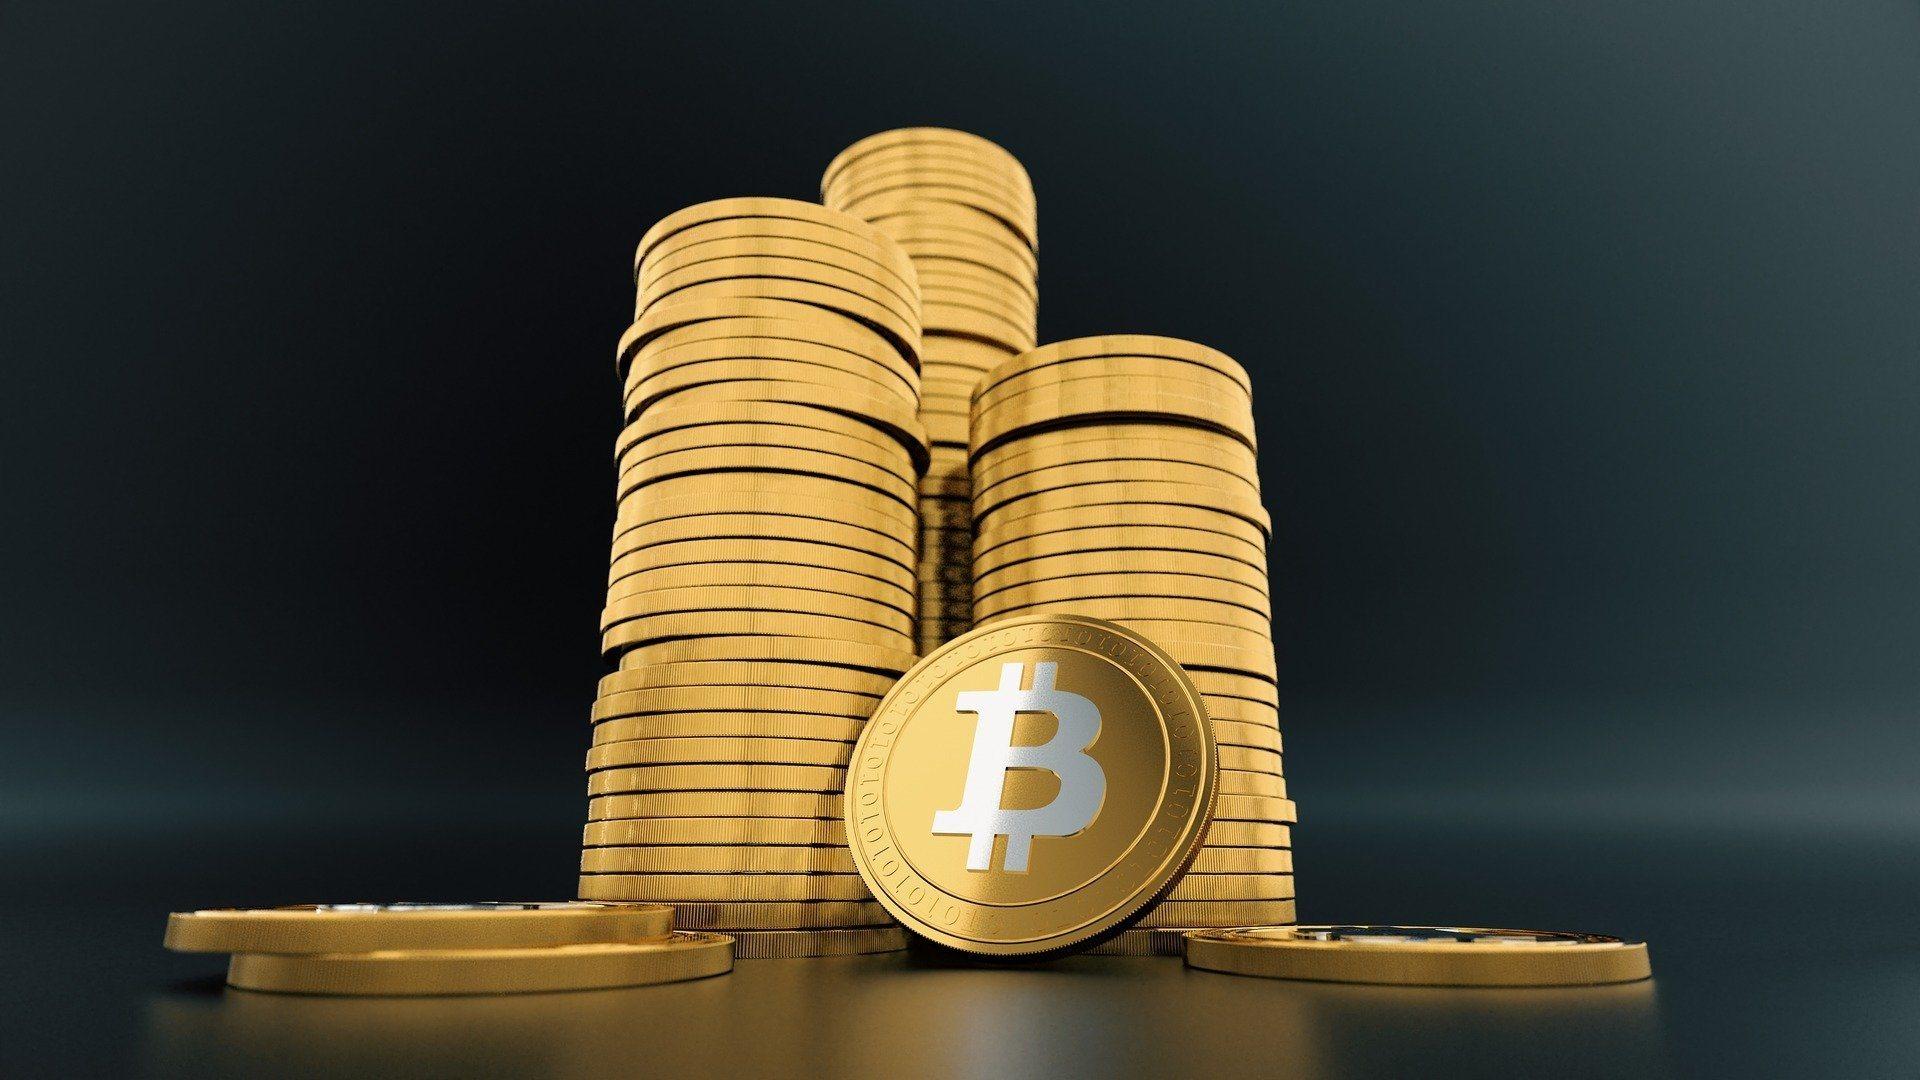 Gli aspetti giuridici e legali delle Cryptovalute per Wallet ed Exchange providers